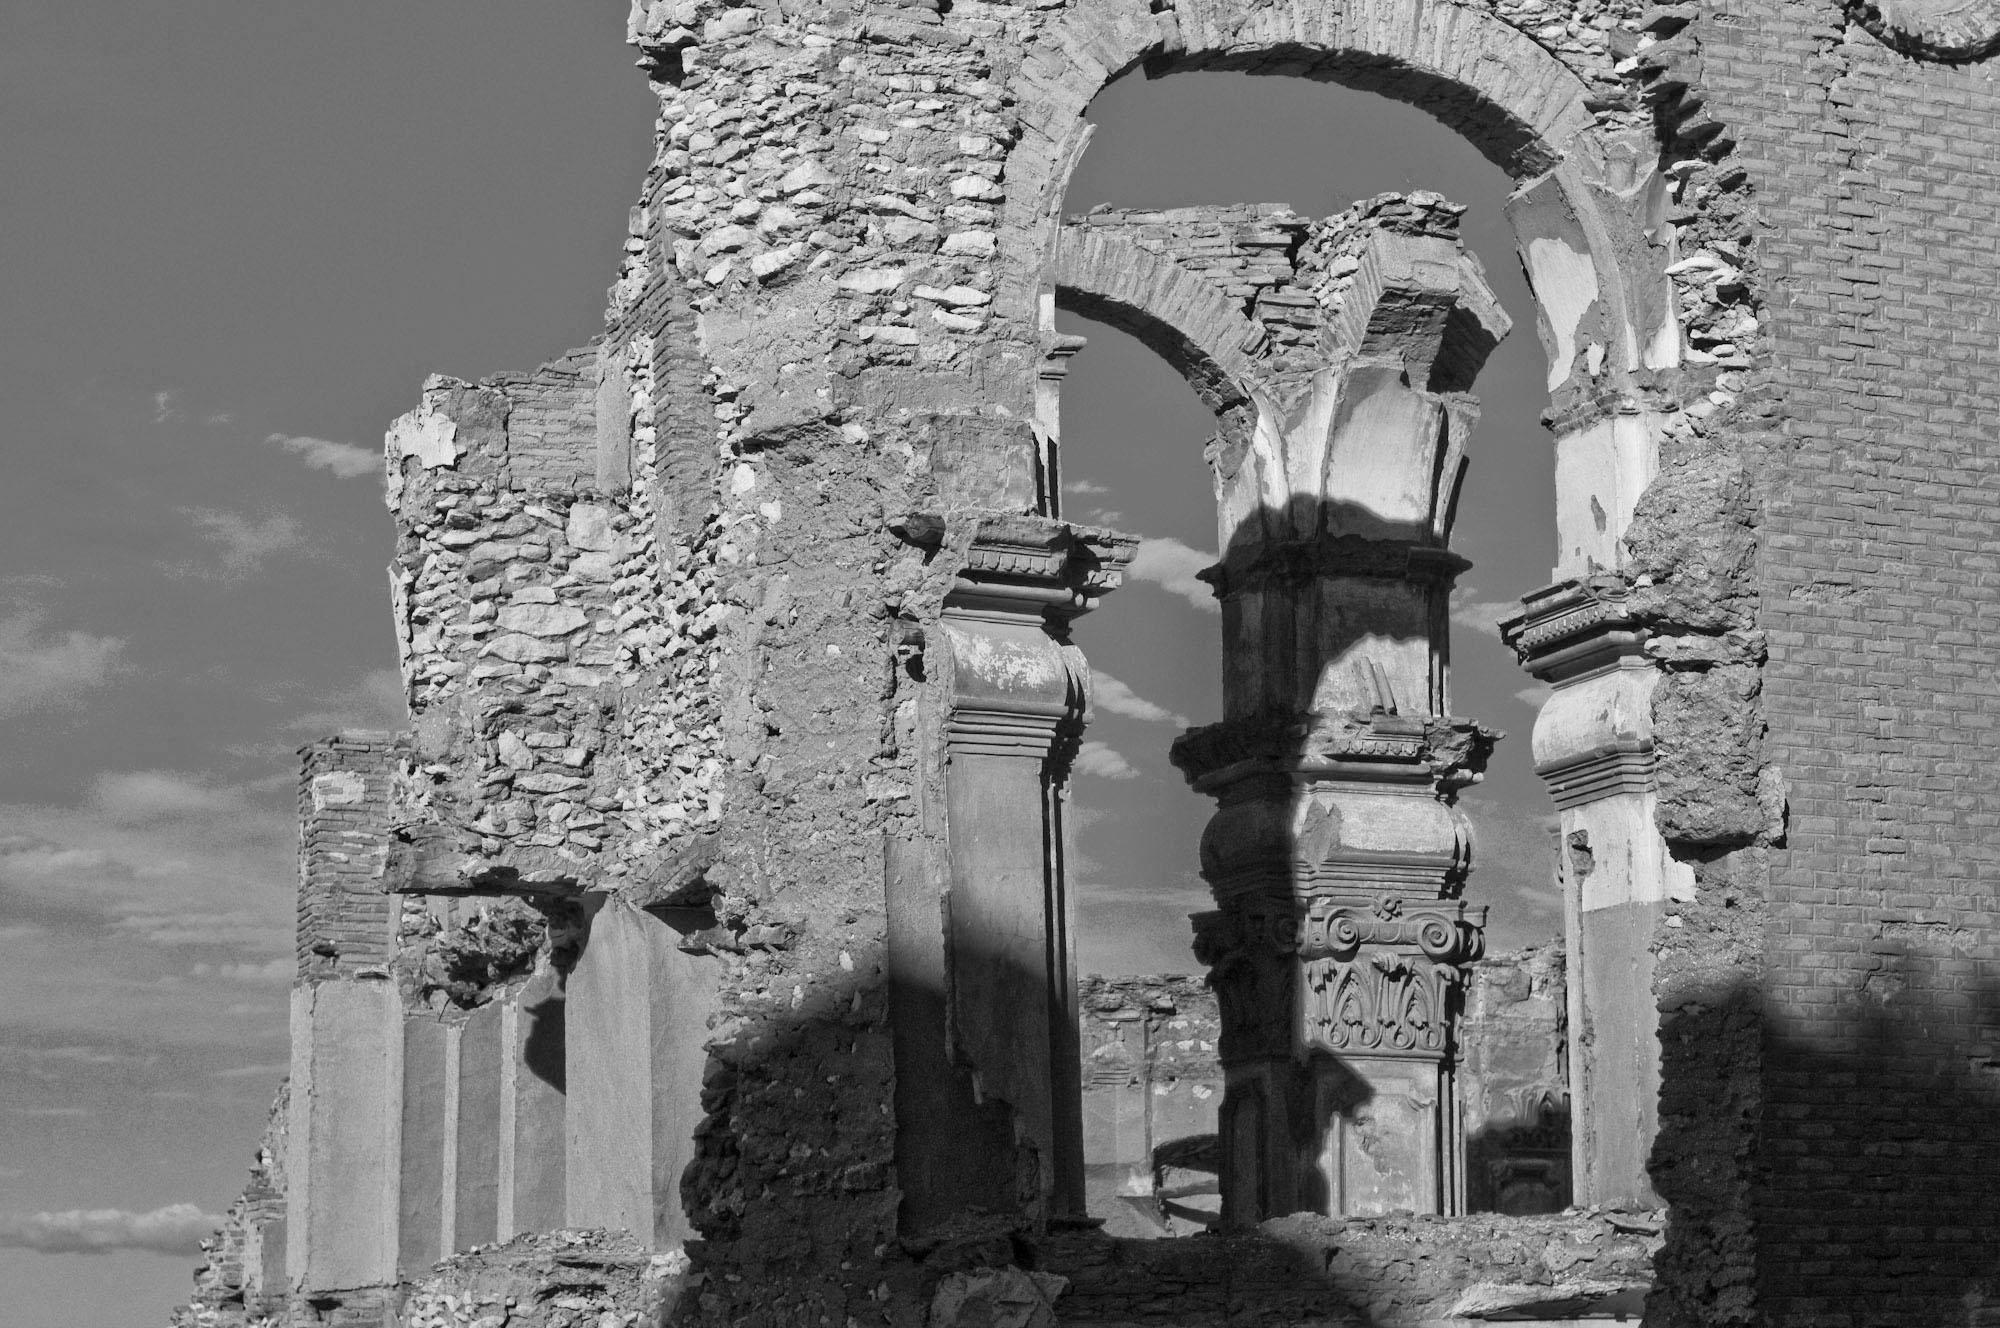 Ruinas del pueblo viejo de Belchite. Foto hecha por Sol Rincón Borobia, con Nikon D300S.